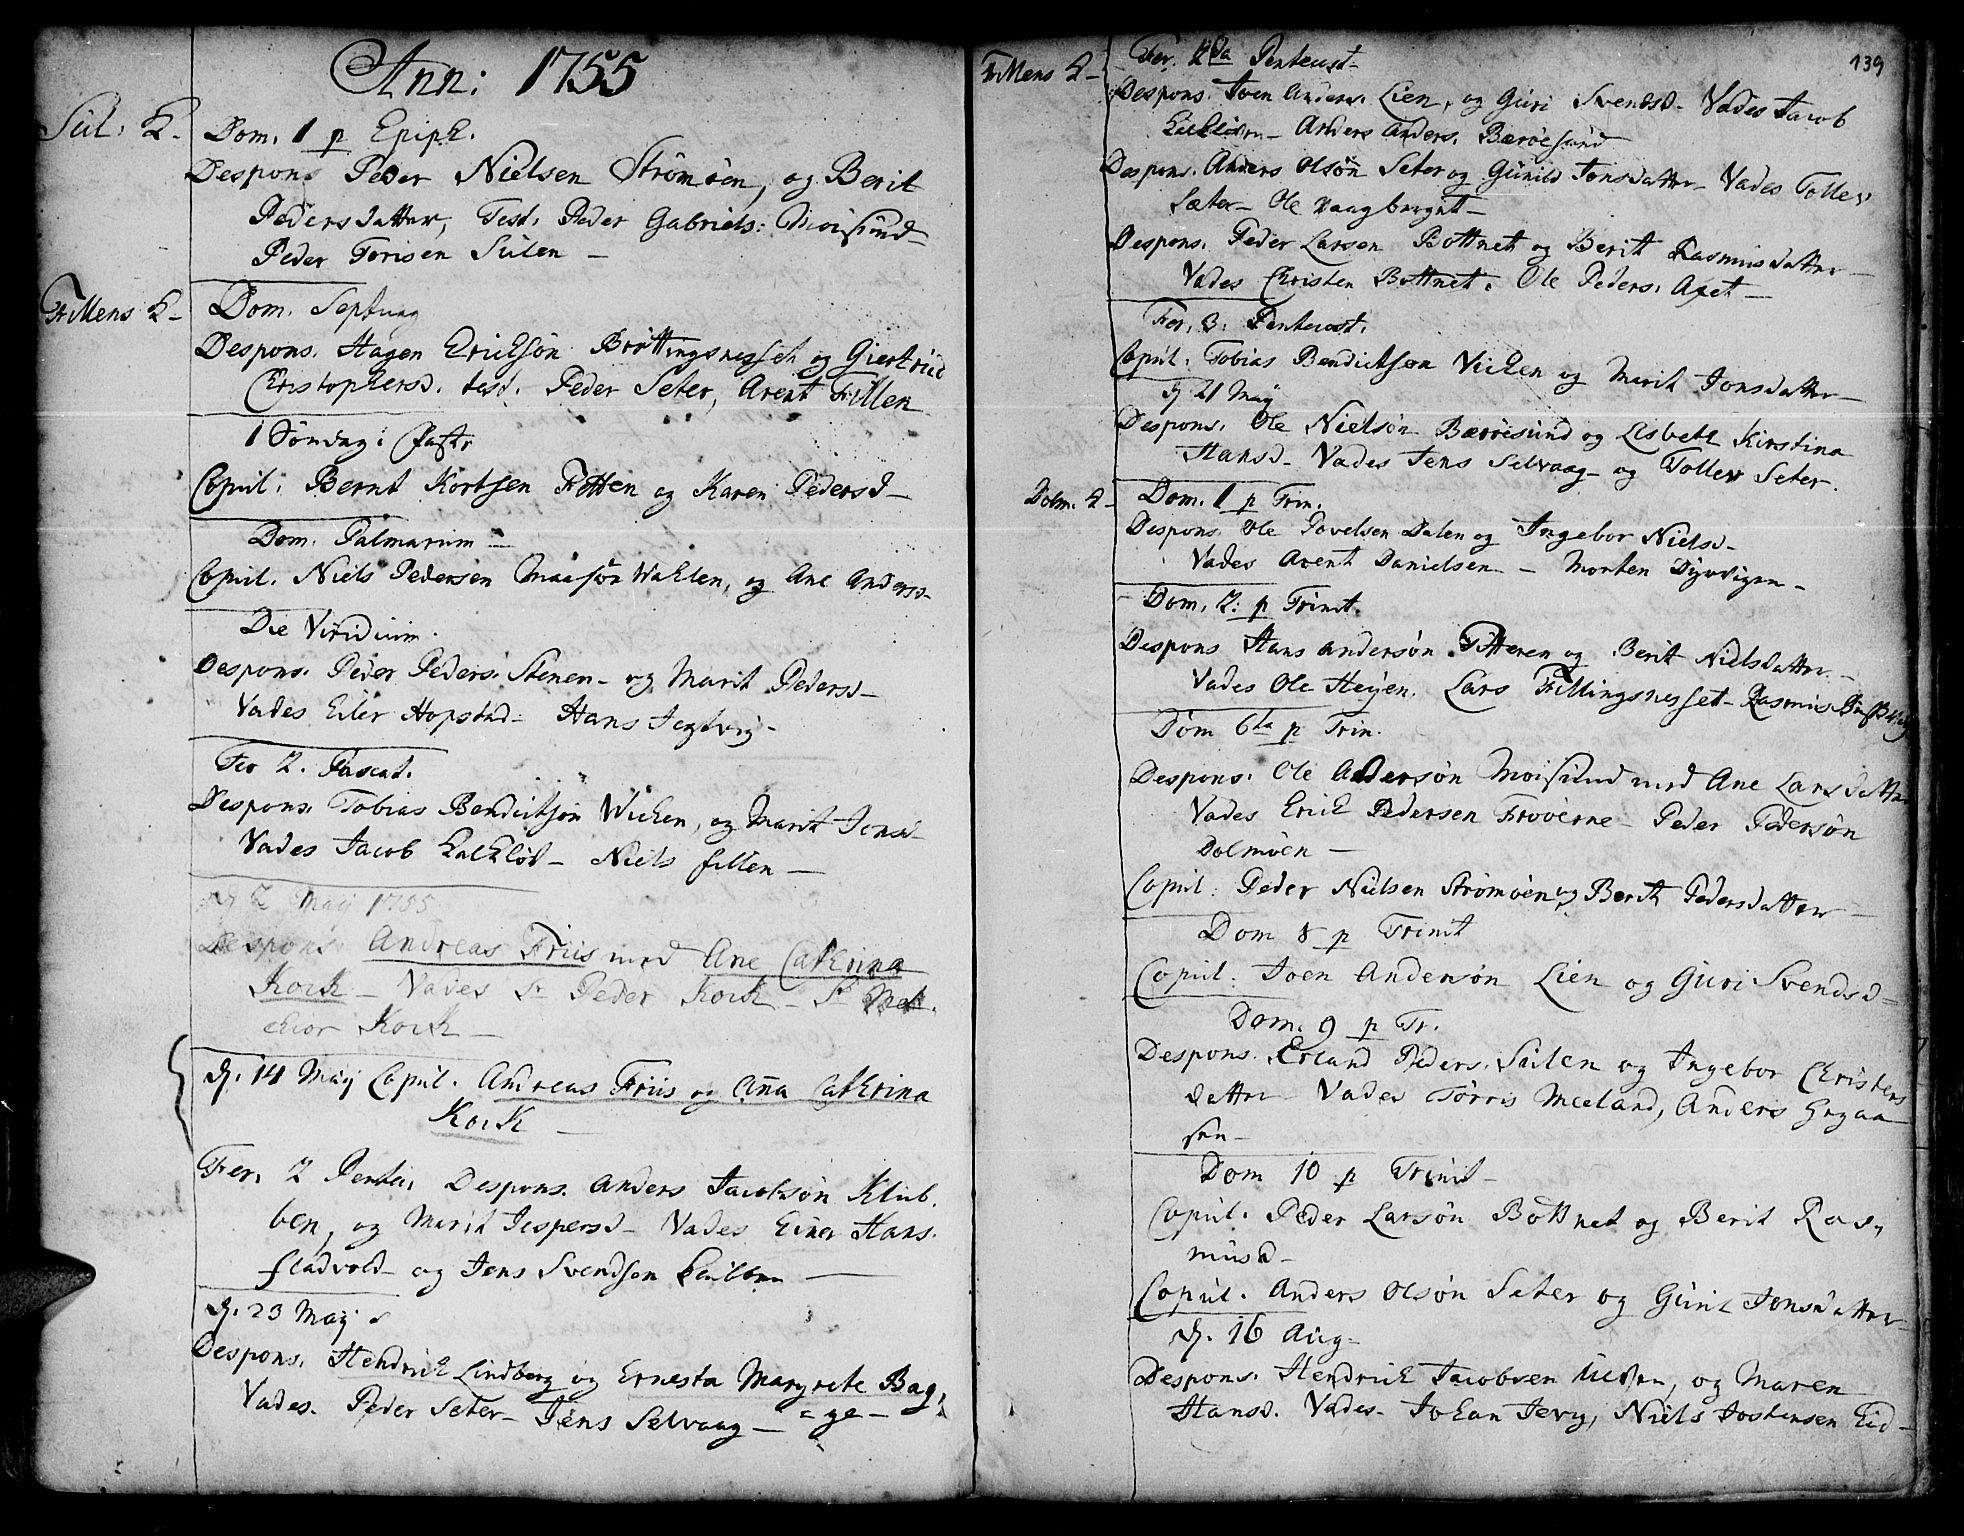 SAT, Ministerialprotokoller, klokkerbøker og fødselsregistre - Sør-Trøndelag, 634/L0525: Ministerialbok nr. 634A01, 1736-1775, s. 139